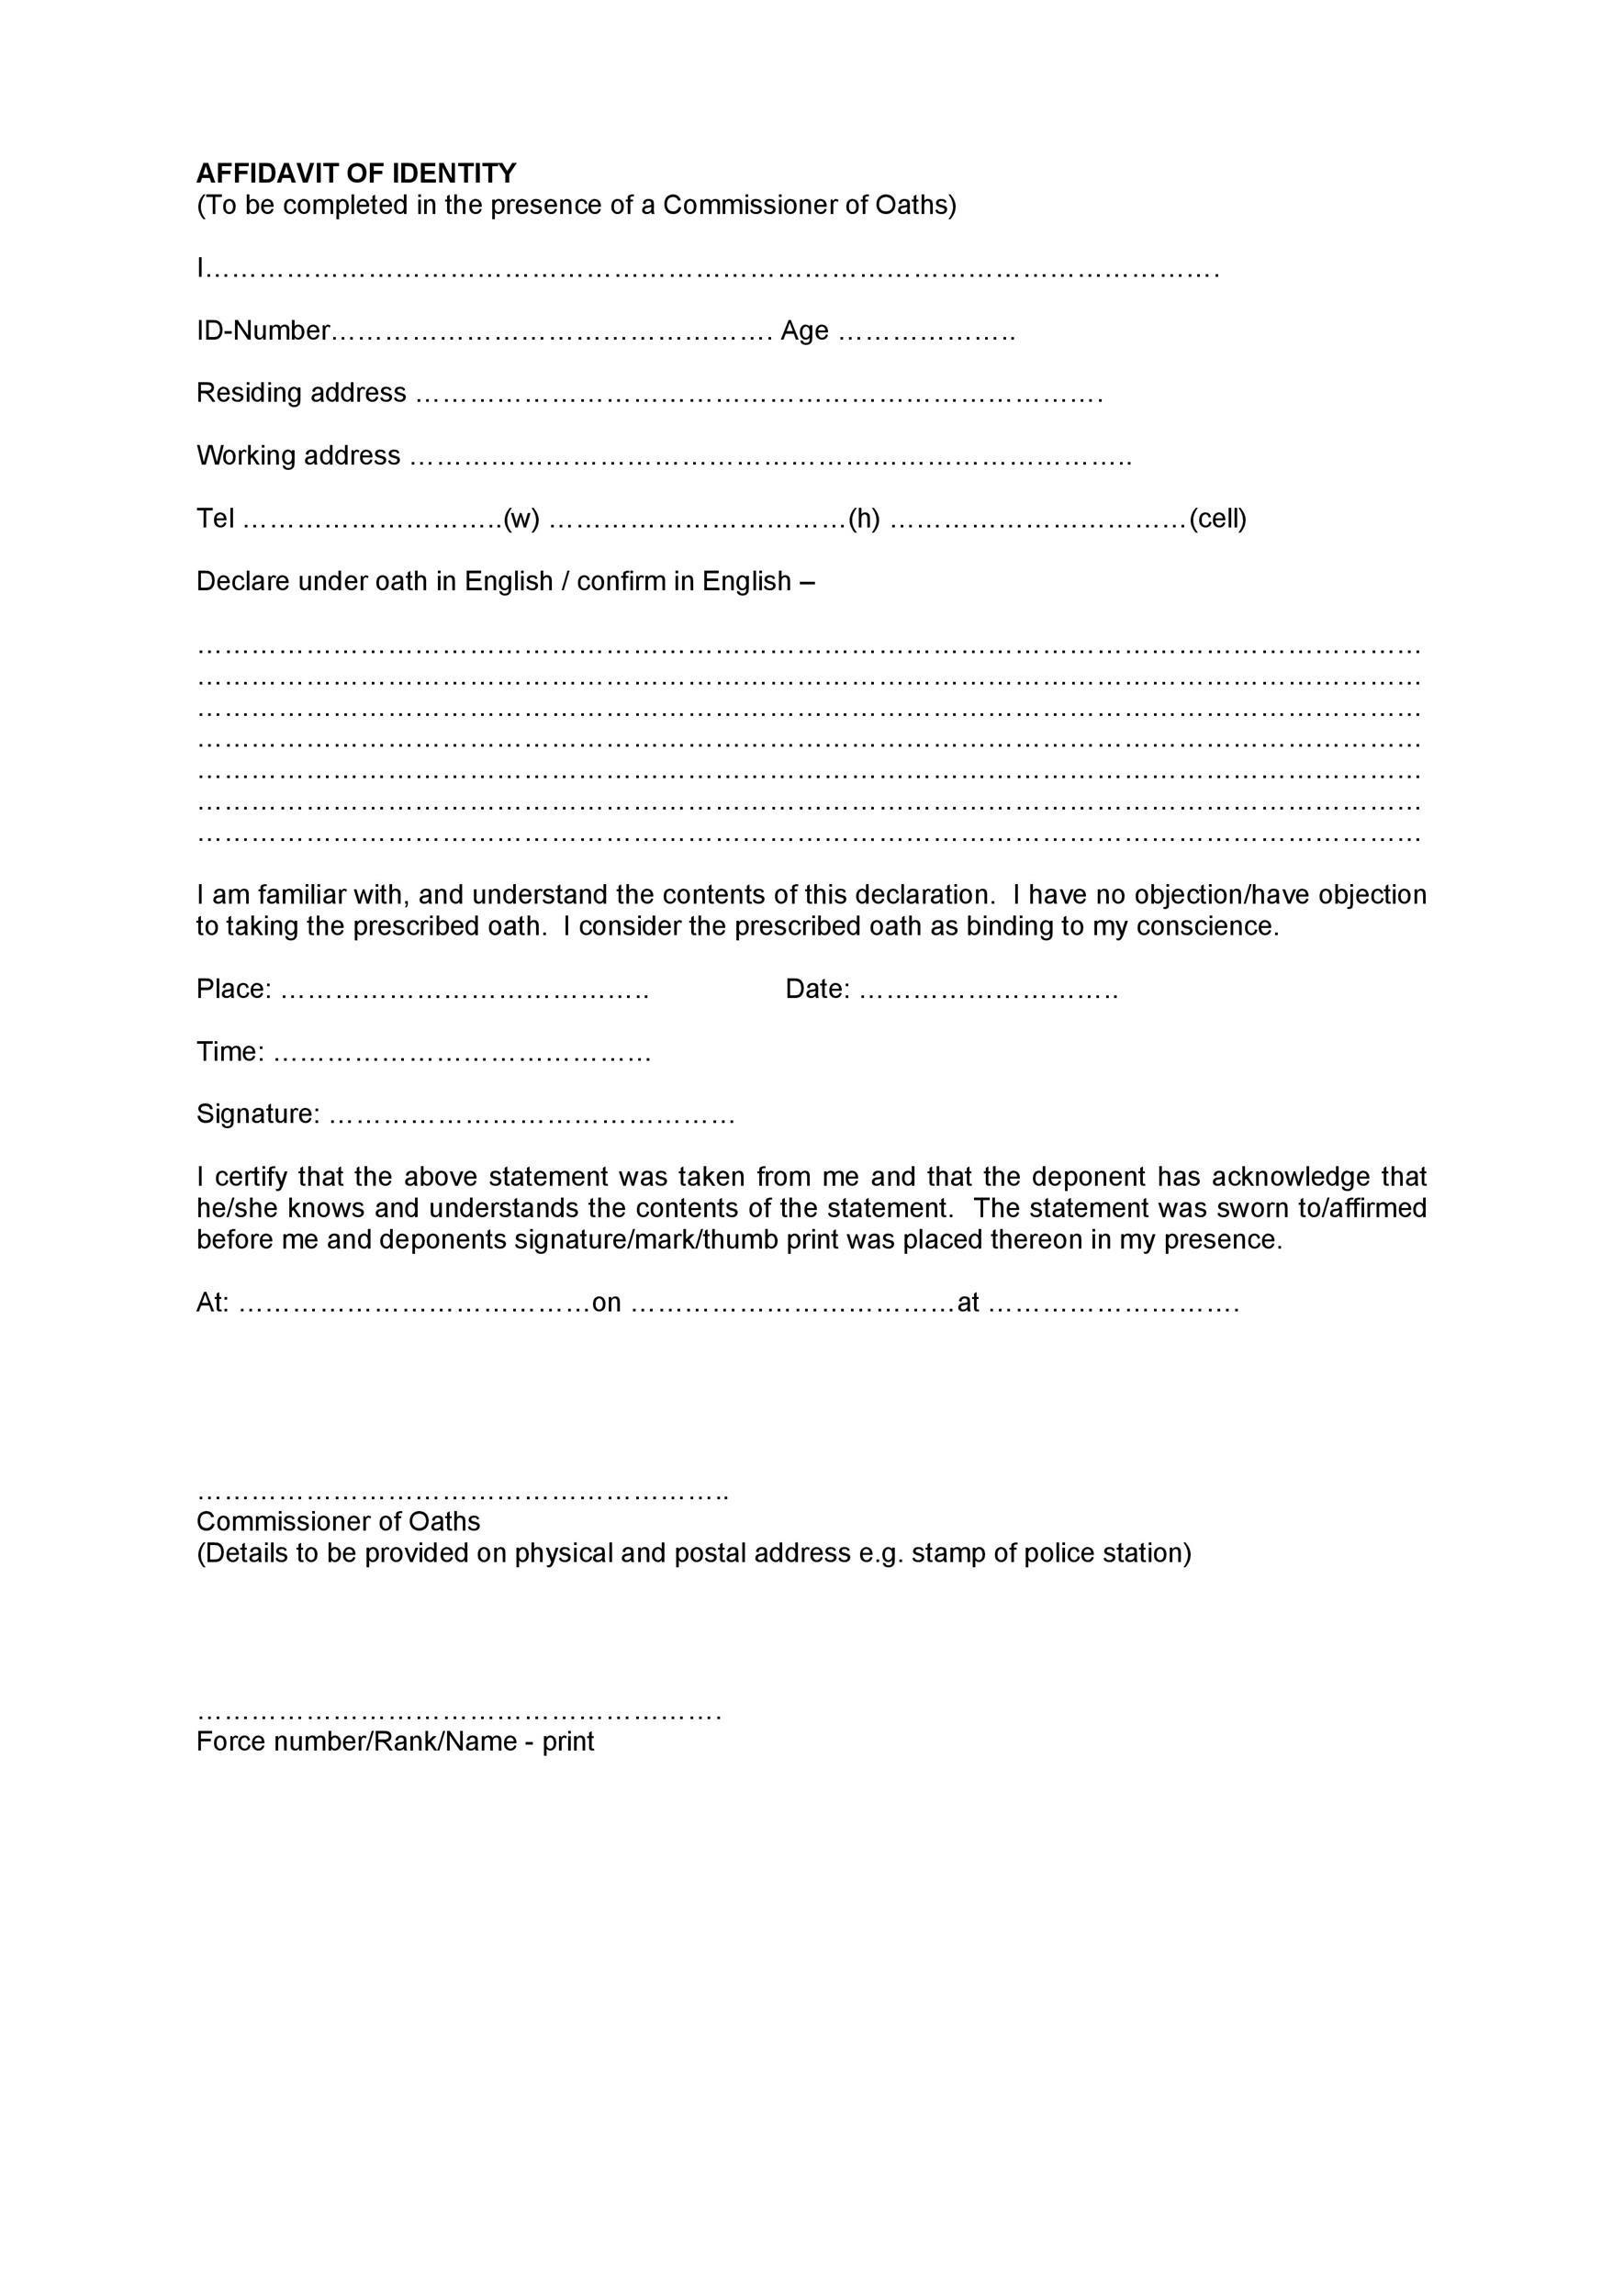 Free affidavit of identity 18